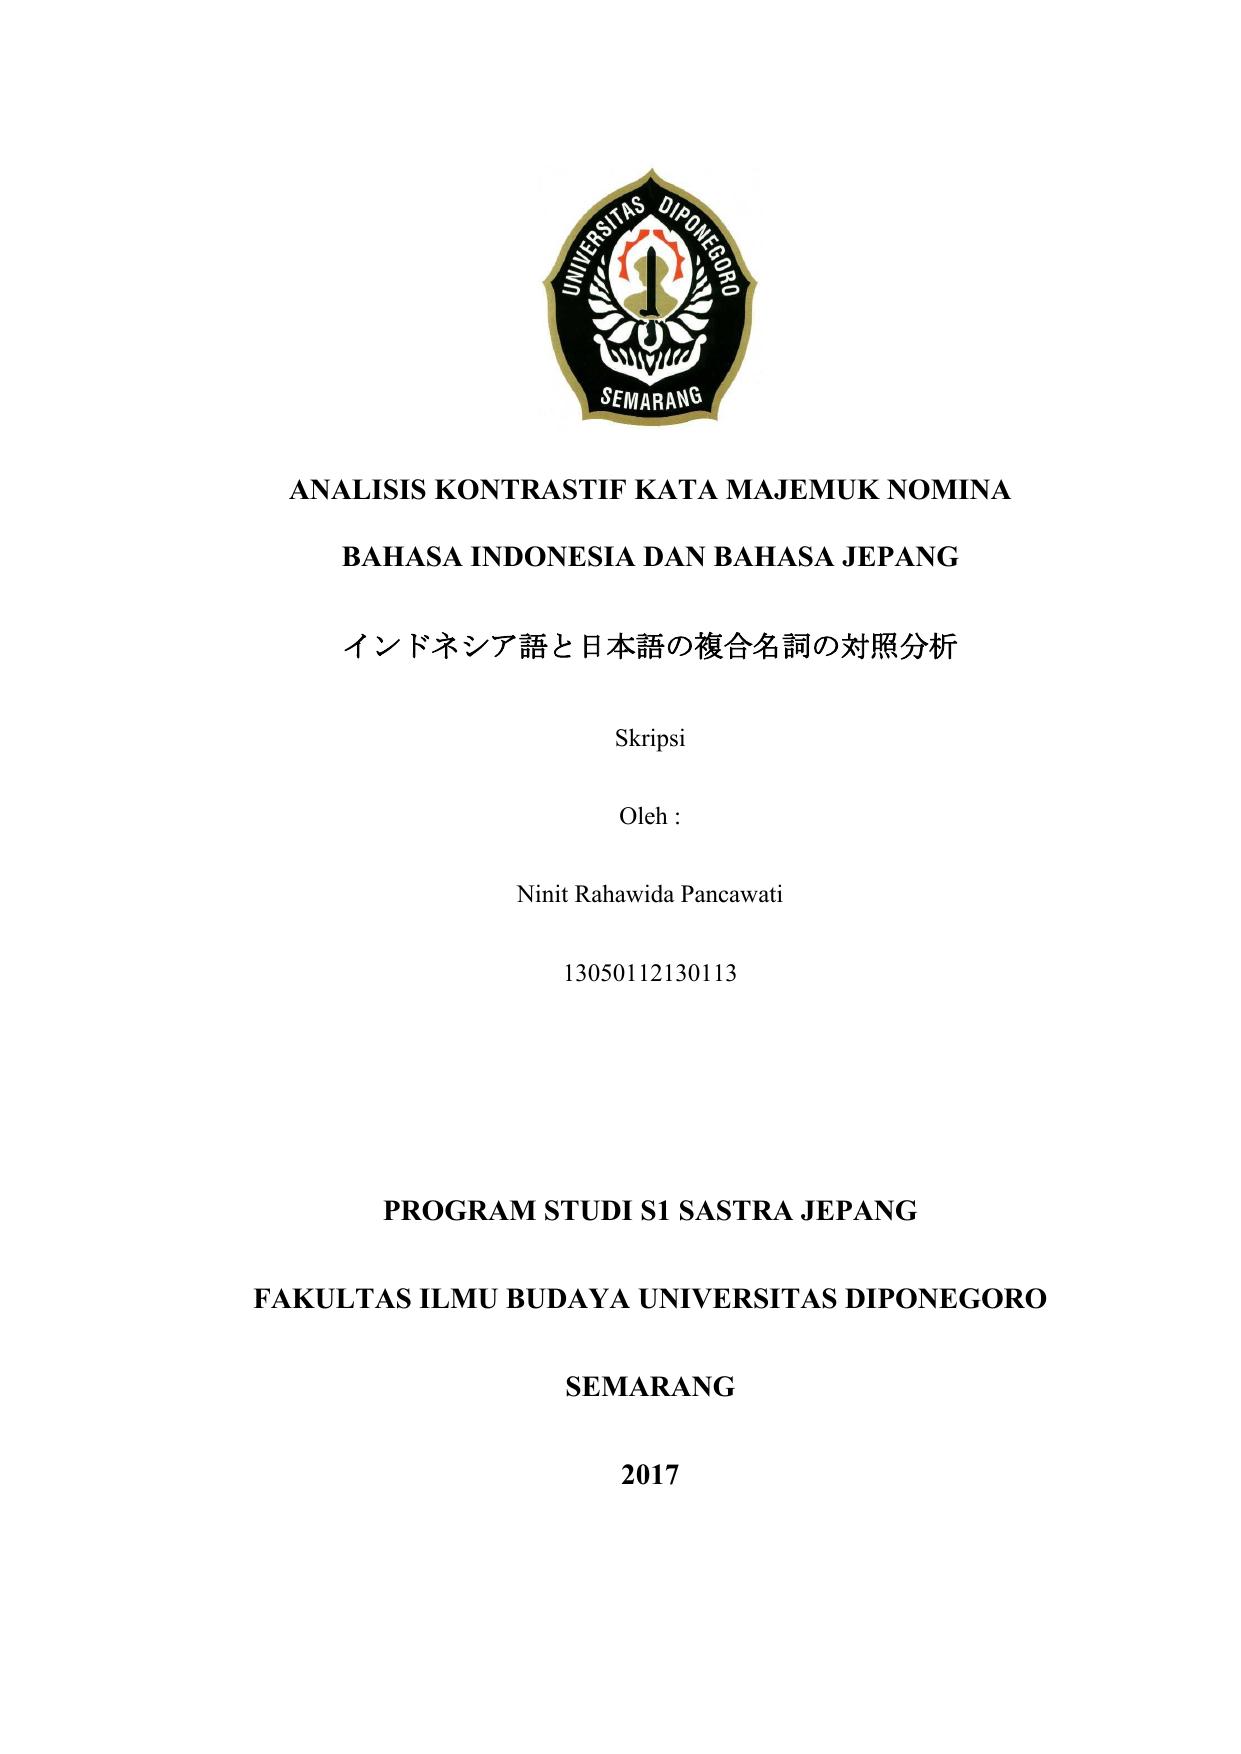 Contoh Skripsi Sastra Jepang Bidang Linguistik Kumpulan Berbagai Skripsi